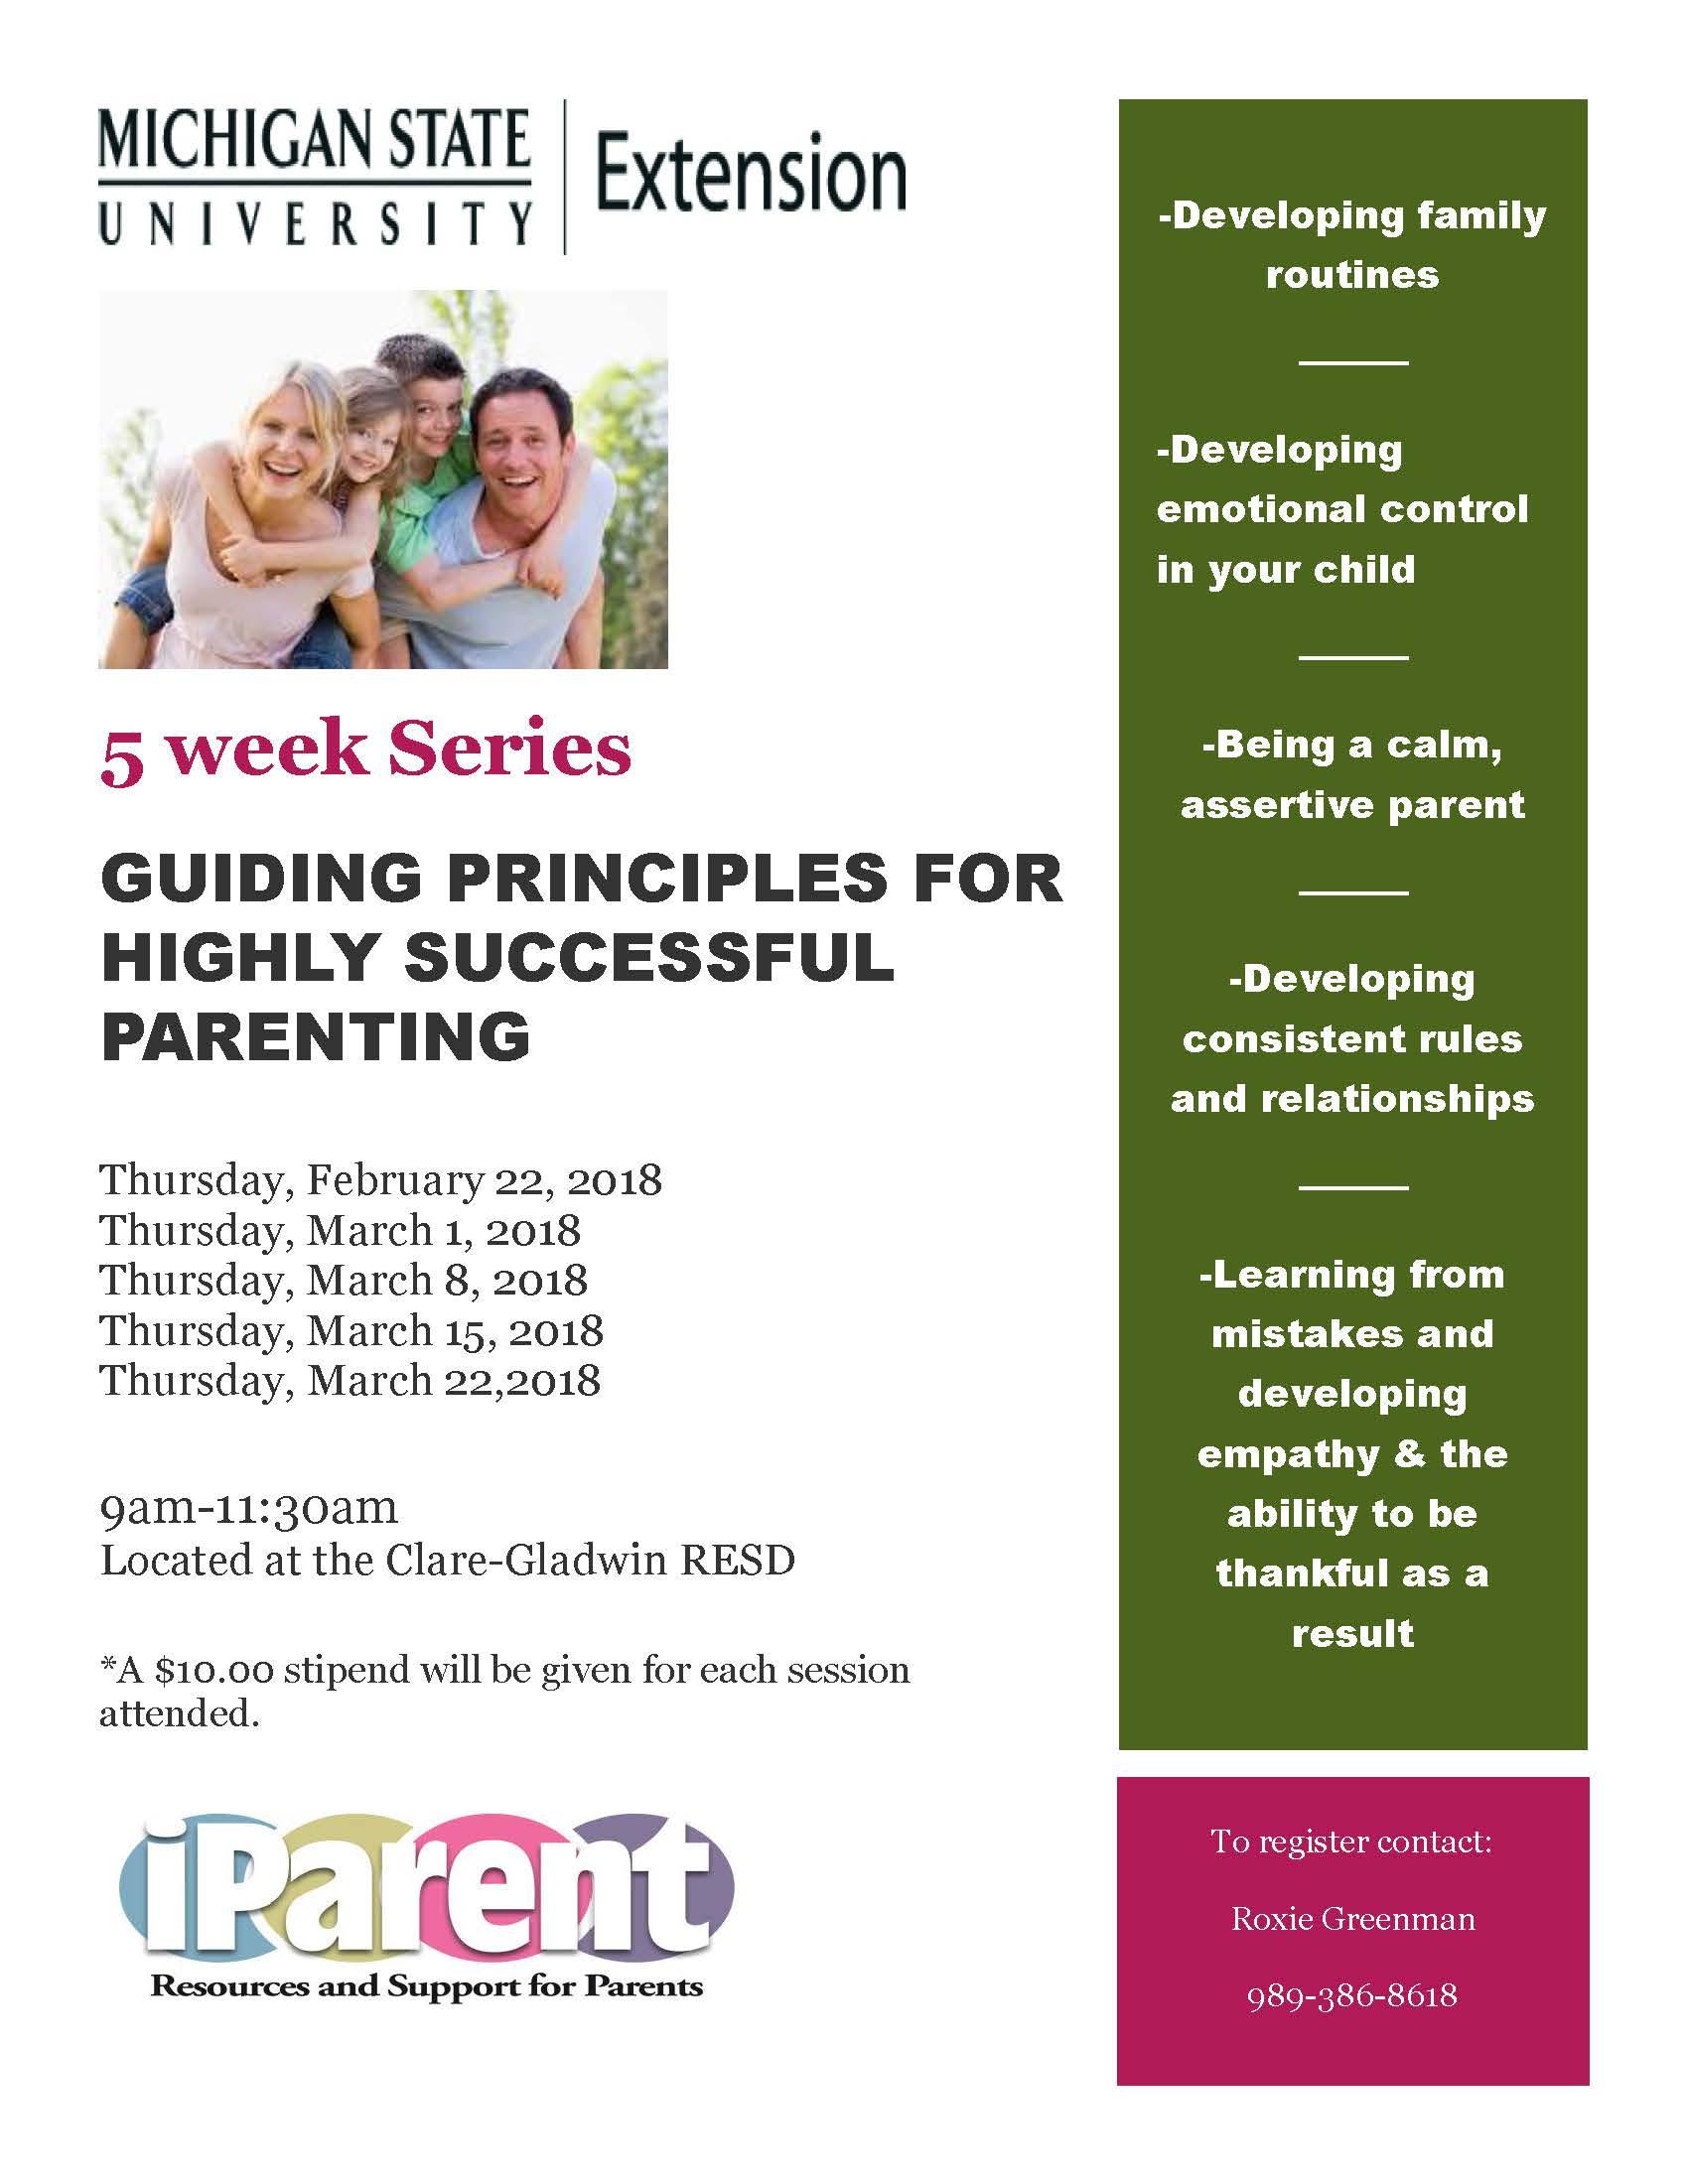 5 week Series flyer-Highly Effective Parenting.jpg